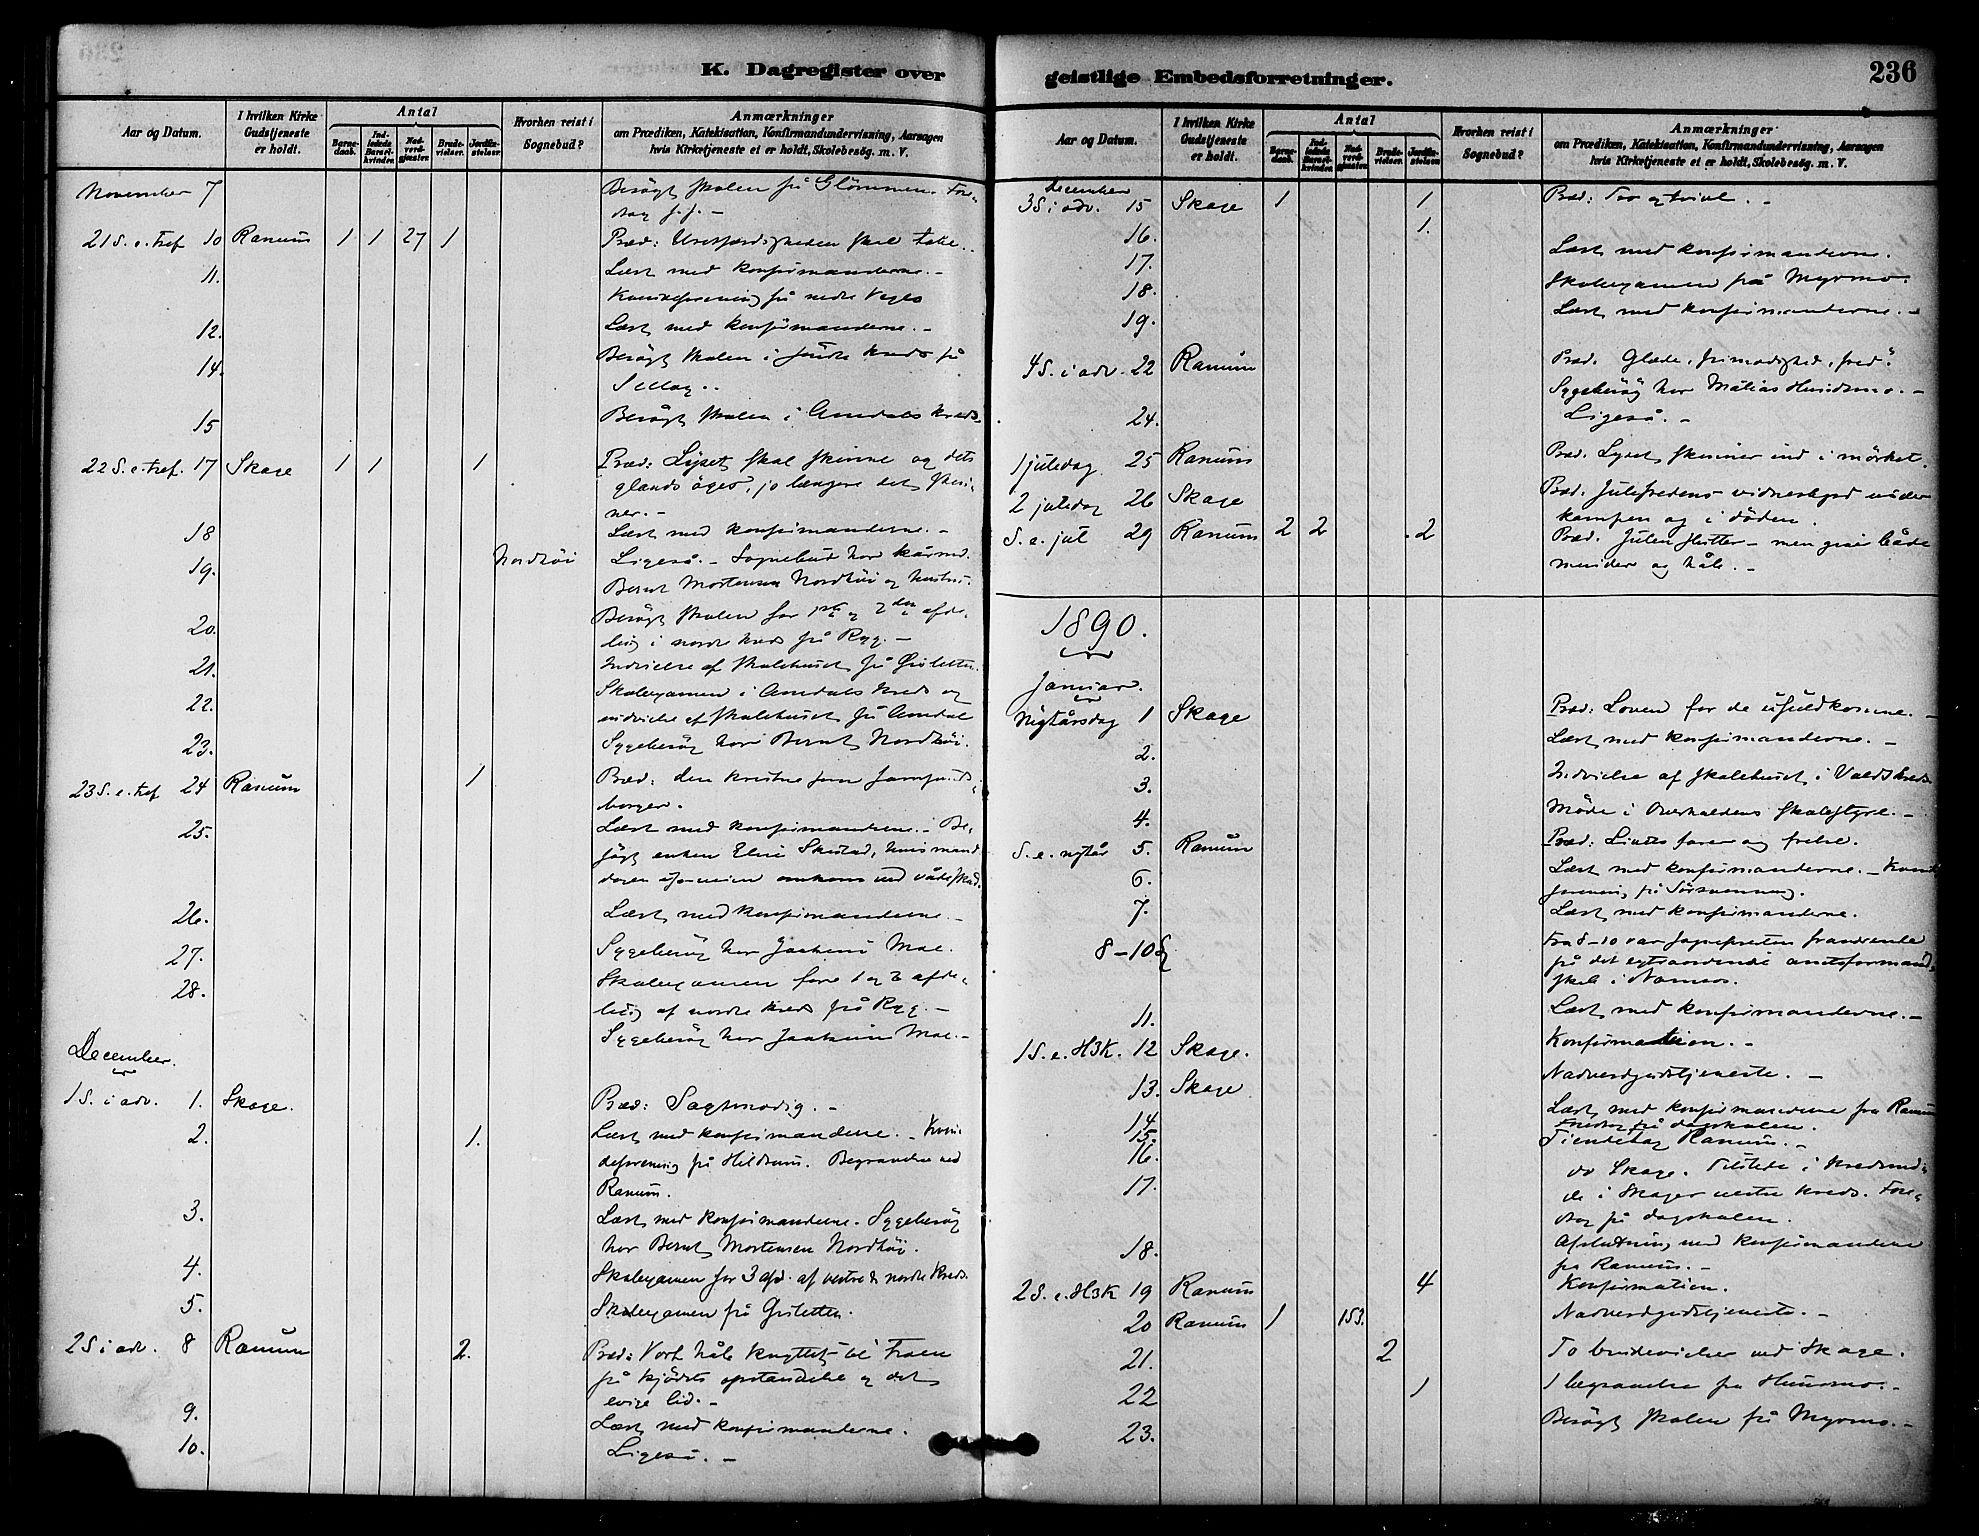 SAT, Ministerialprotokoller, klokkerbøker og fødselsregistre - Nord-Trøndelag, 764/L0555: Ministerialbok nr. 764A10, 1881-1896, s. 236